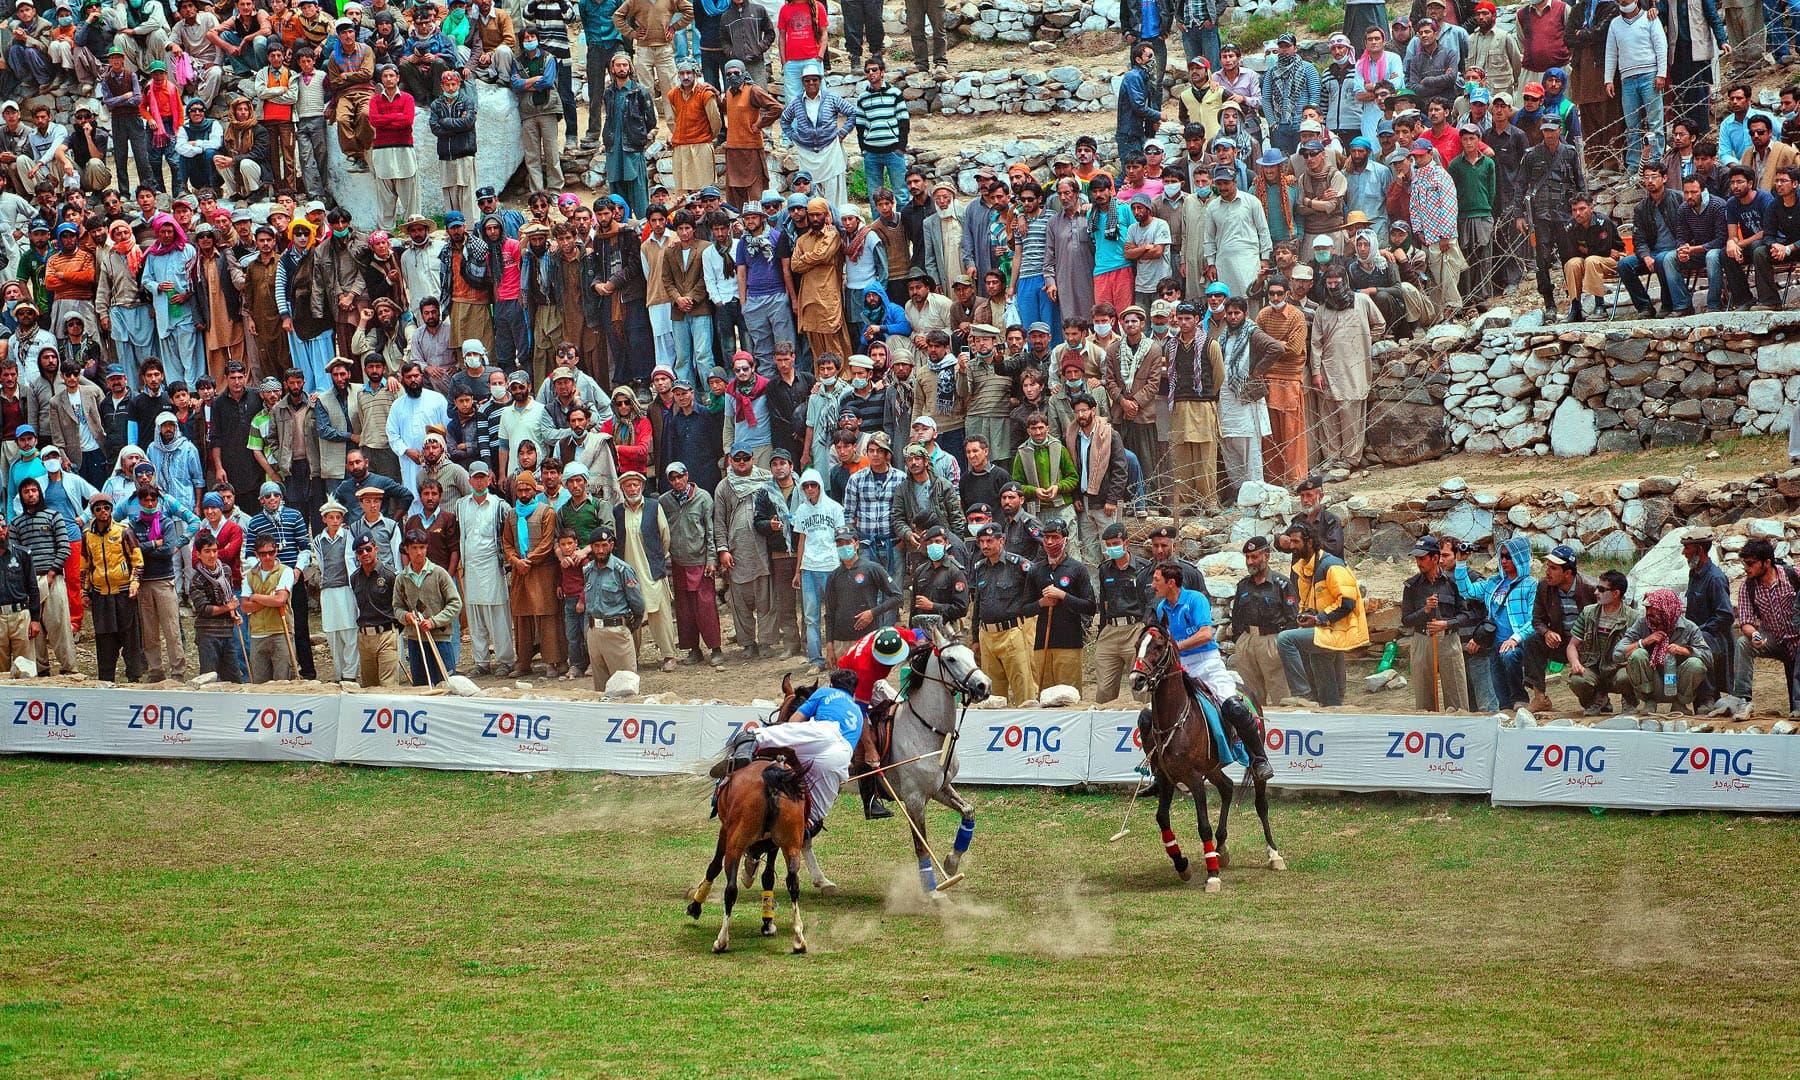 شندور پولو فیسٹیول— سید مہدی بخاری